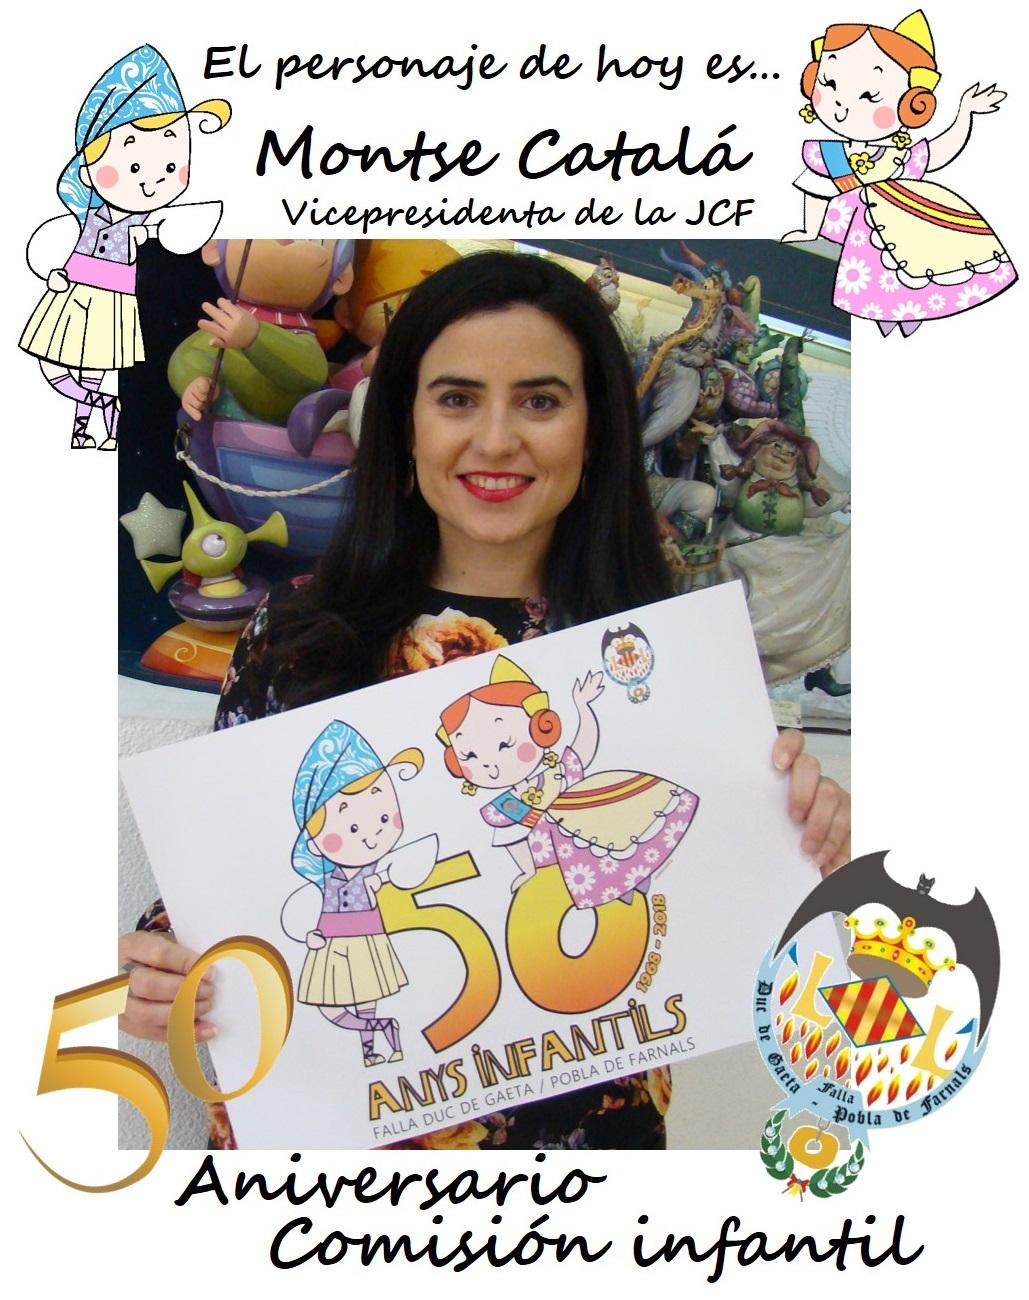 Personaje del día: Montse Catalá